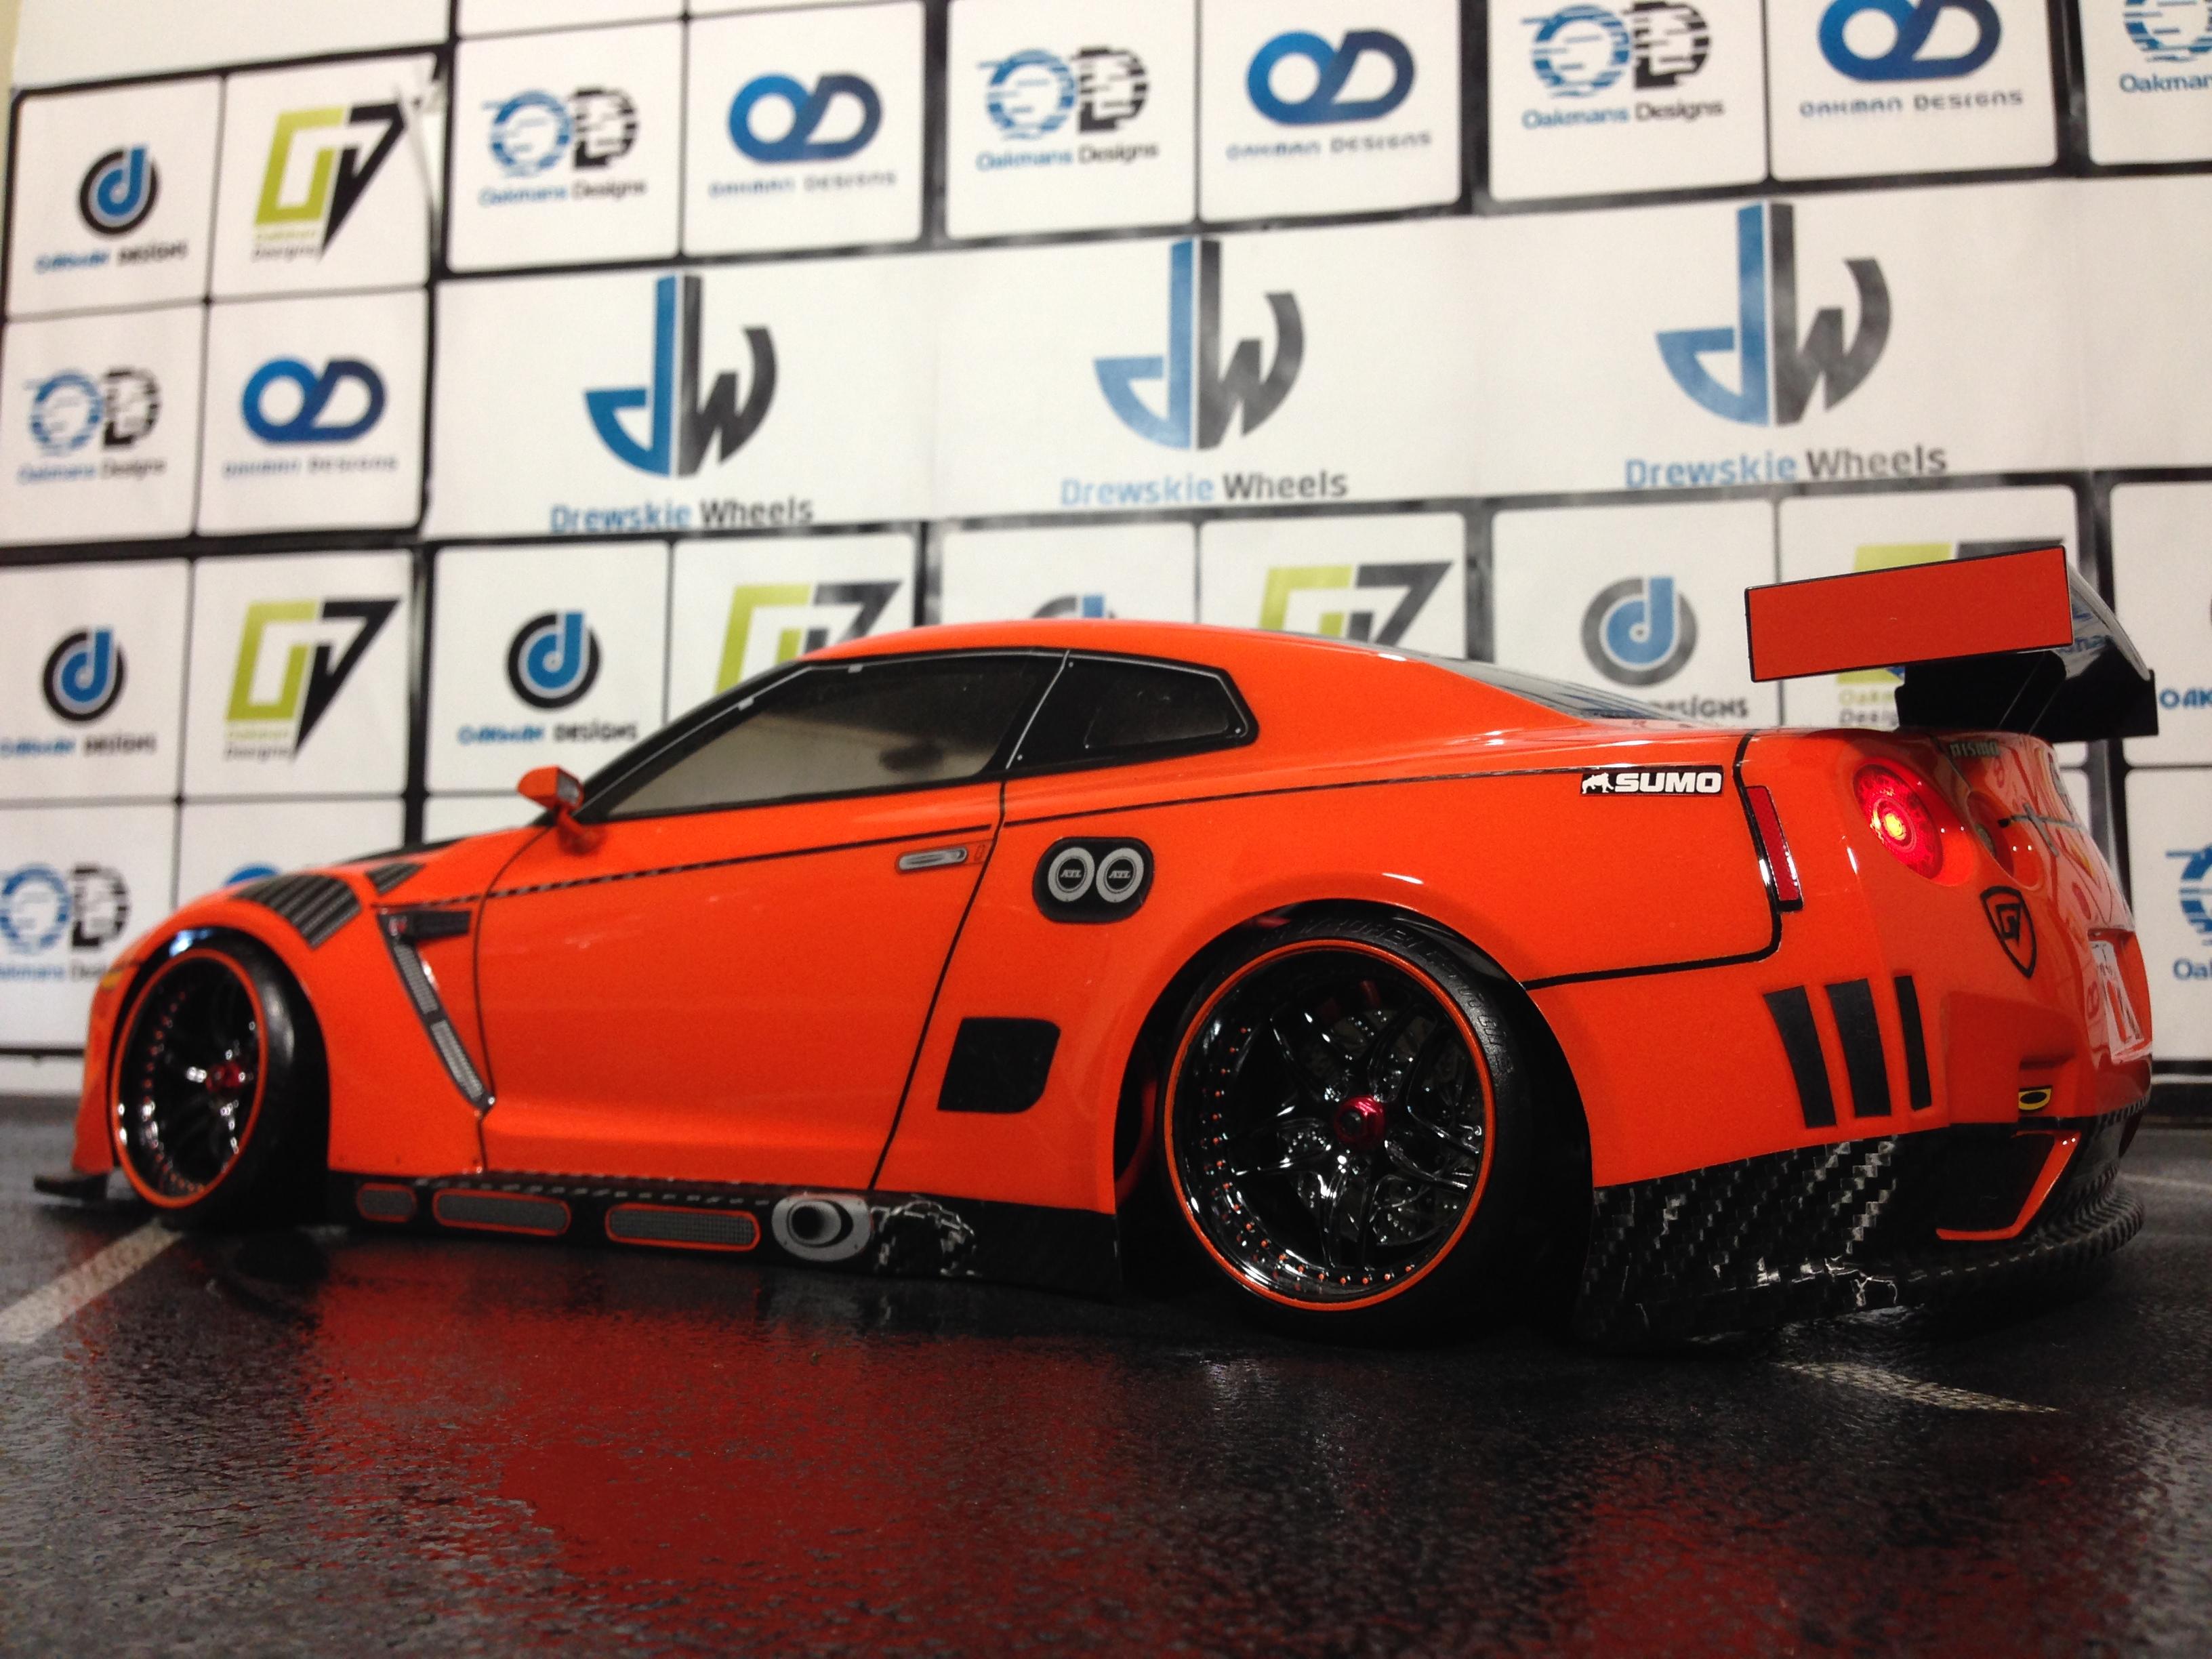 Nissan Gtr Oak Man Designs